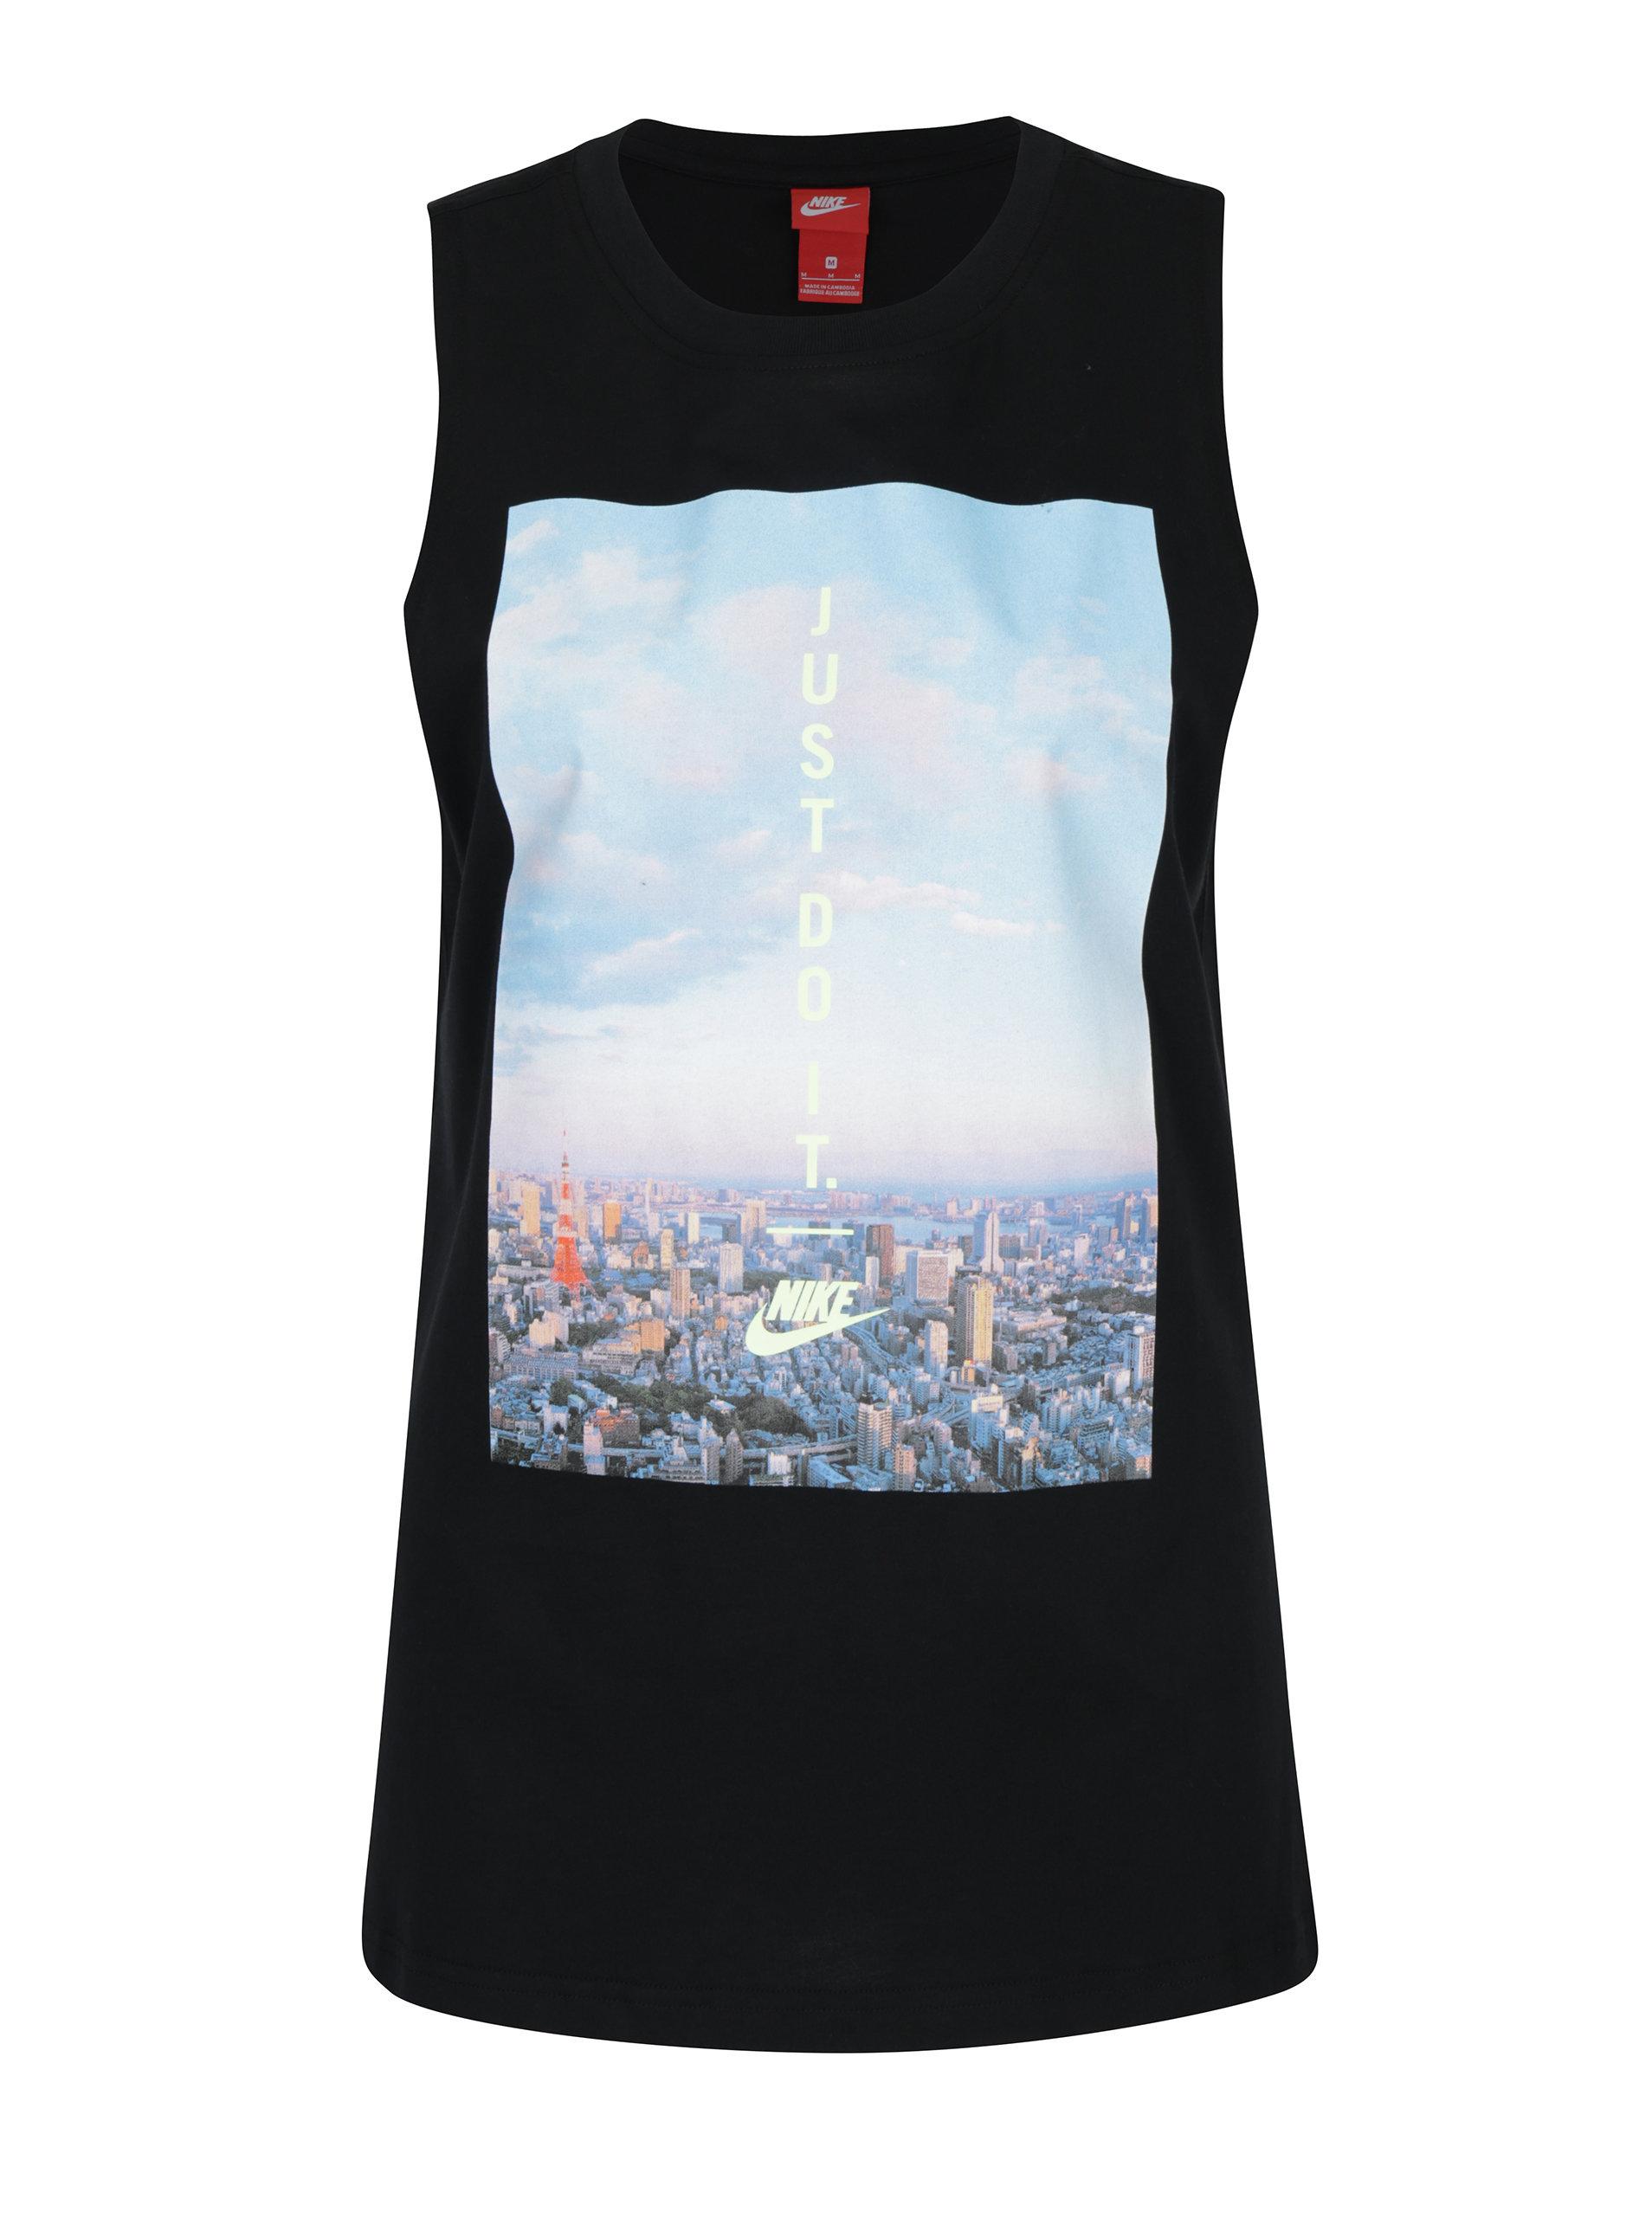 b87637021f57 Čierne dámske tielko s potlačou Nike Sportswear Sky ...